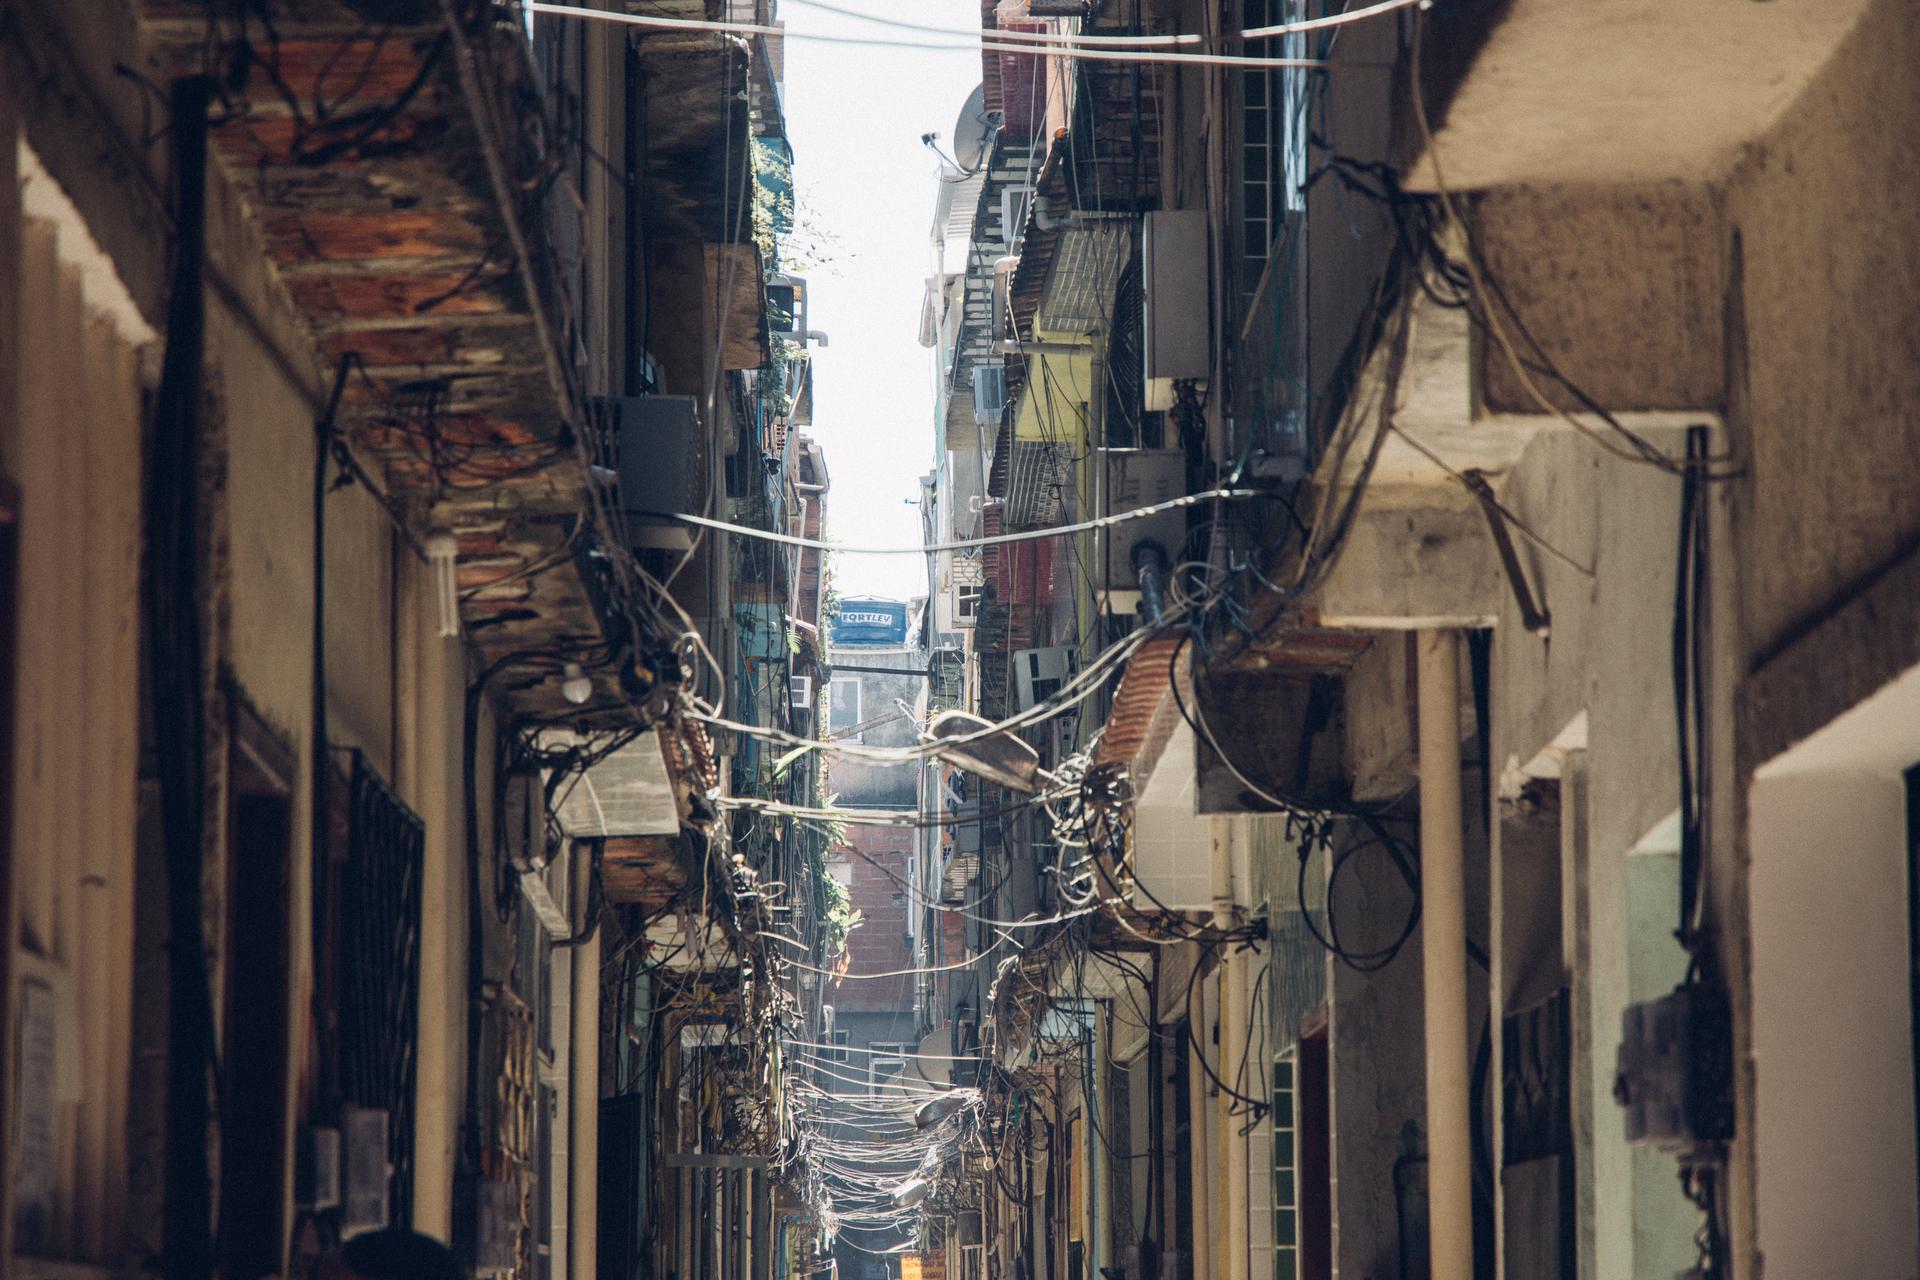 0019_160814_COMUNIDADES_RIO_DE_JANEIRO_1596